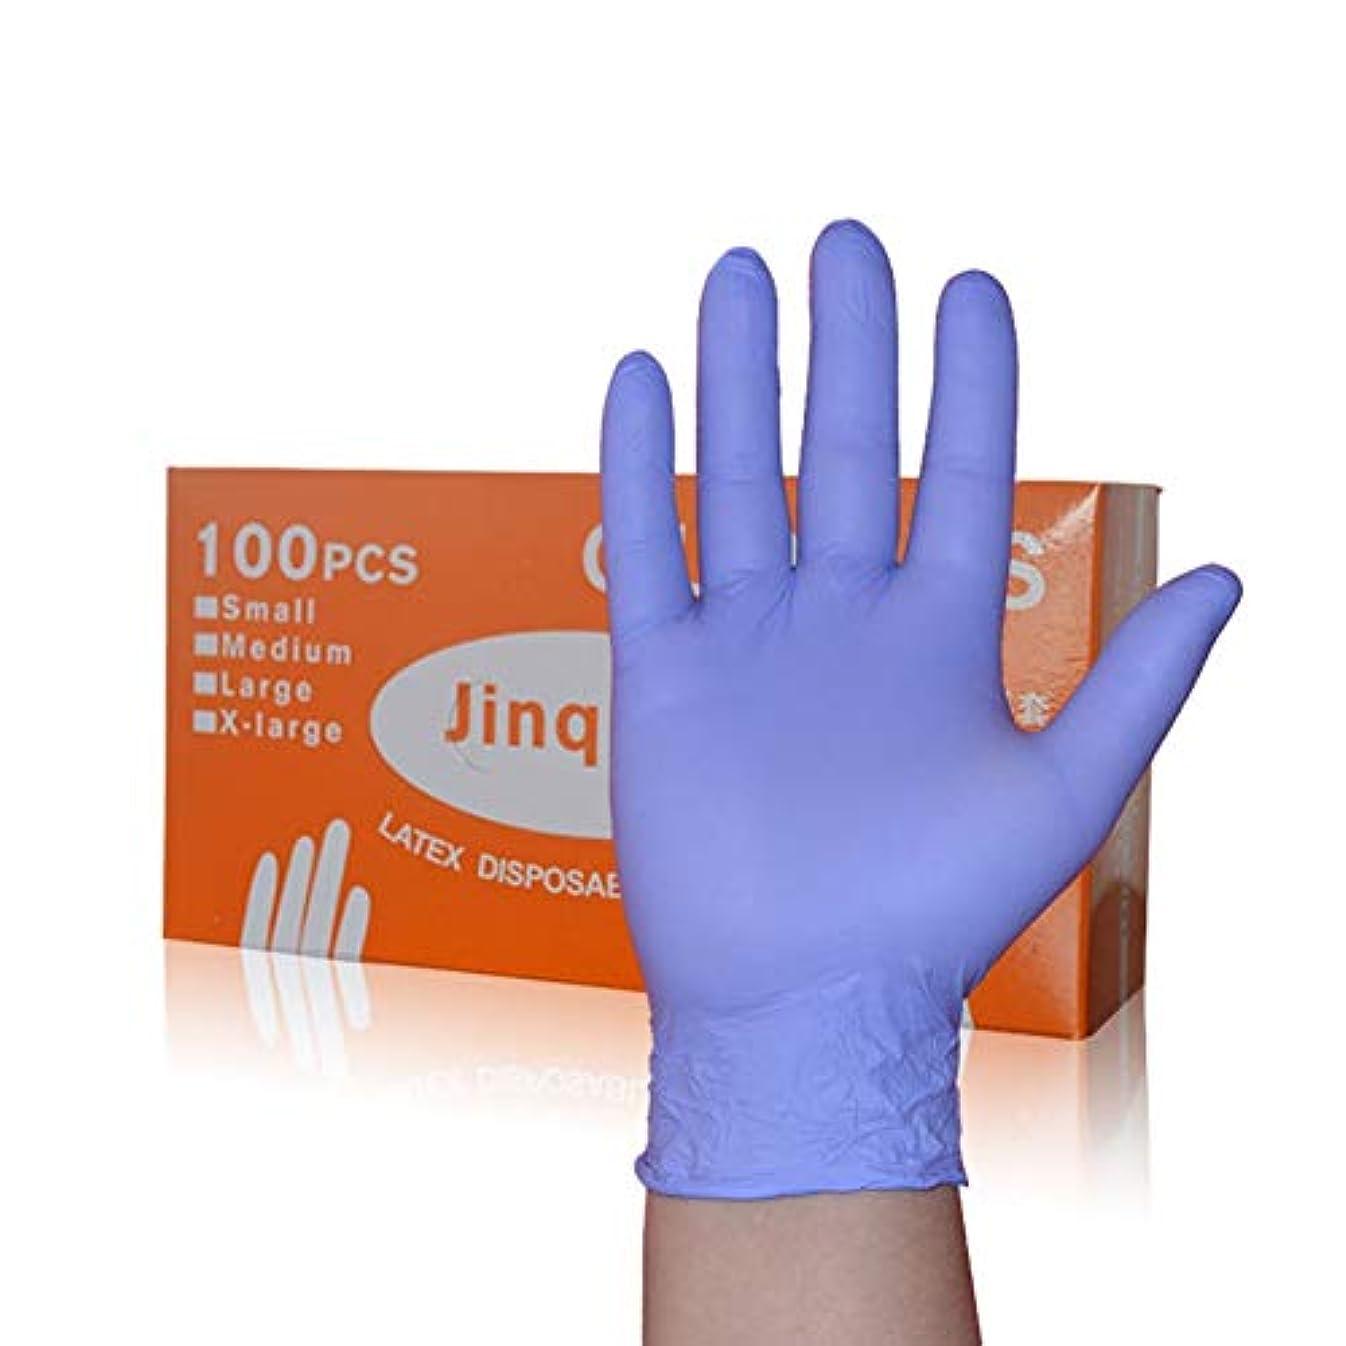 地質学一般的にセンチメートル箱入りA級Dingqing使い捨て手袋食品キッチンケータリング家事歯科手袋 YANW (色 : 紫の, サイズ さいず : L l)